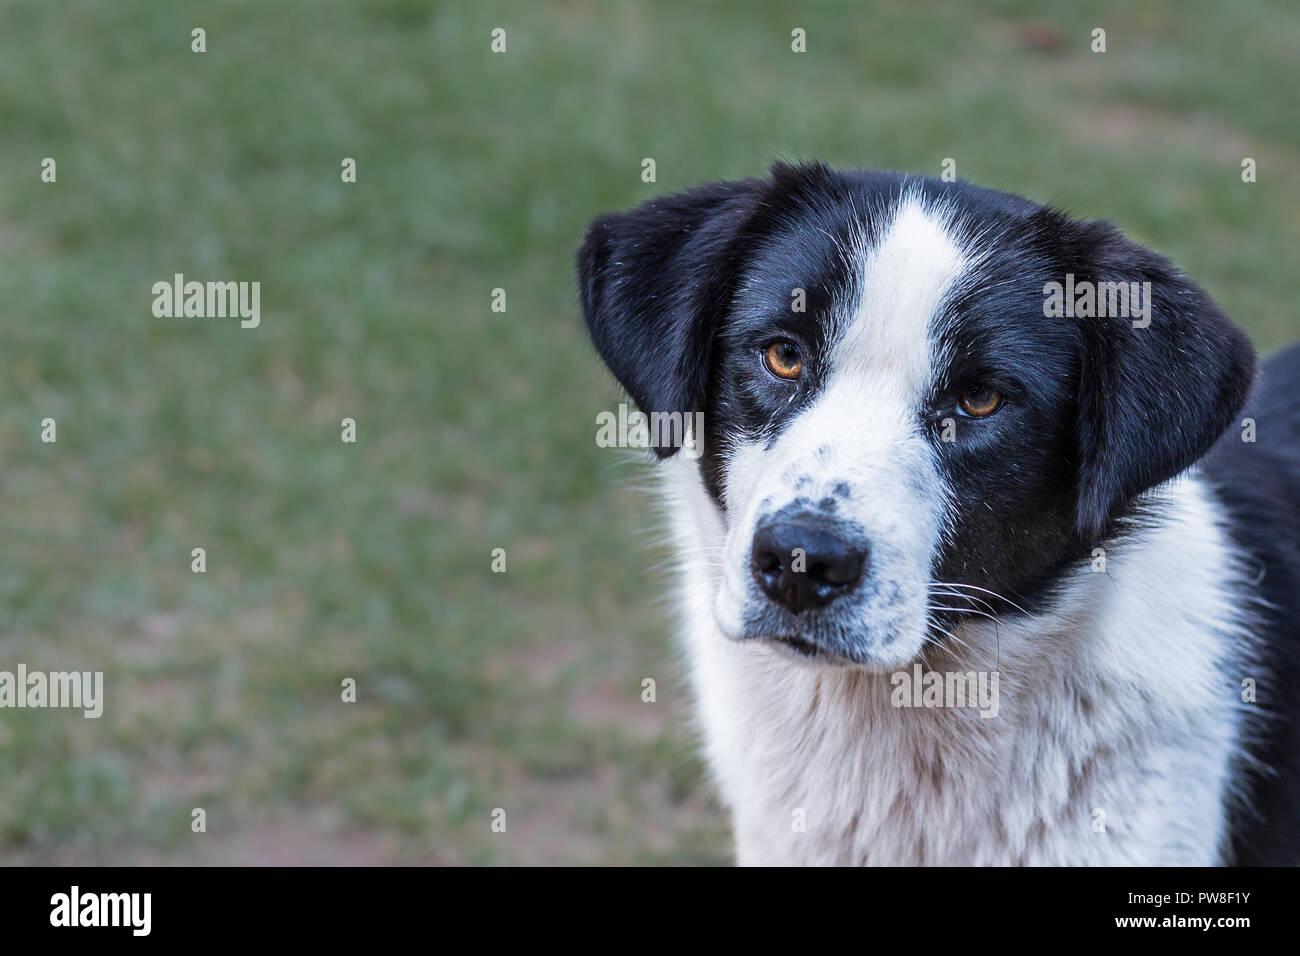 Schwarz Weißer Hund Auf Einem Unscharfen Hintergrund Stockfoto Bild